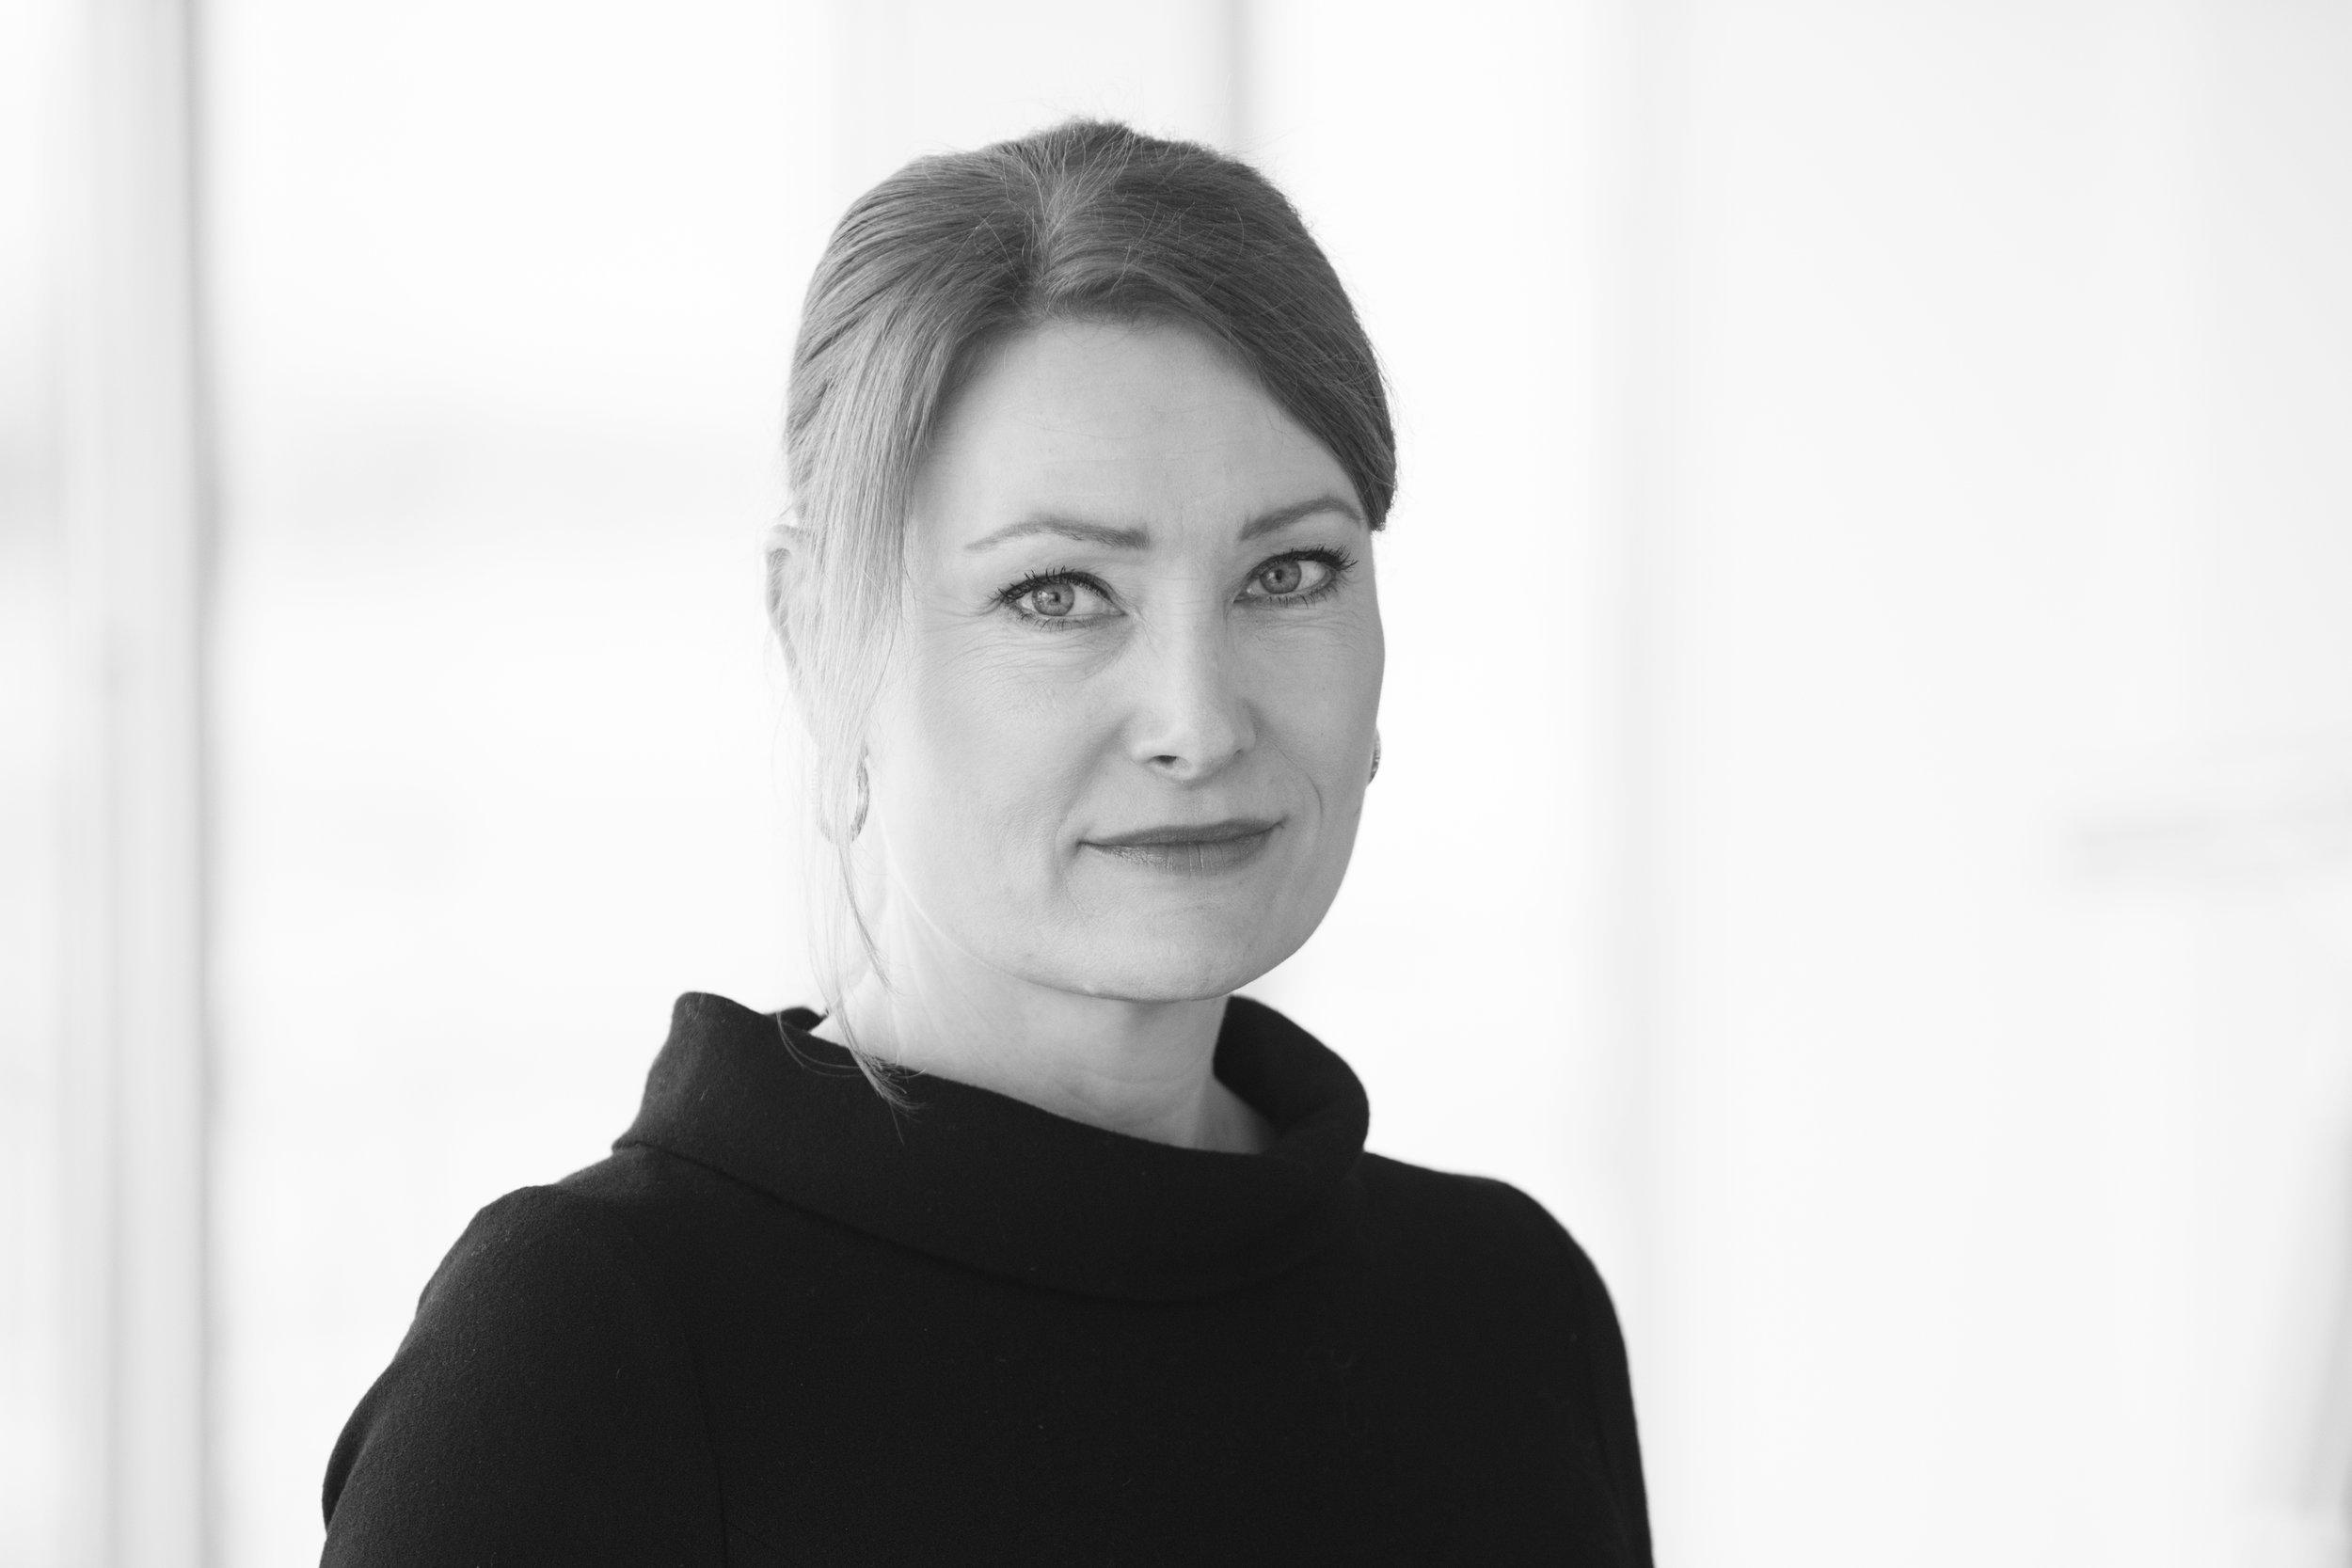 Charlotta Kvarnström - PartneriCharlottalla on kansainvälinen tausta b2b palveluista ja johdon konsultoinnista. Charlotta tulee meille toimitusjohtajan ja partnerin paikalta Accenturelta, jossa hän oli vastuussa Communications, Media & Technology Business Process Services i Norden – yksikön toiminnasta. Lue lisää →+46 (0)70 633 30 20charlotta.kvarnstrom@nordicinterim.com